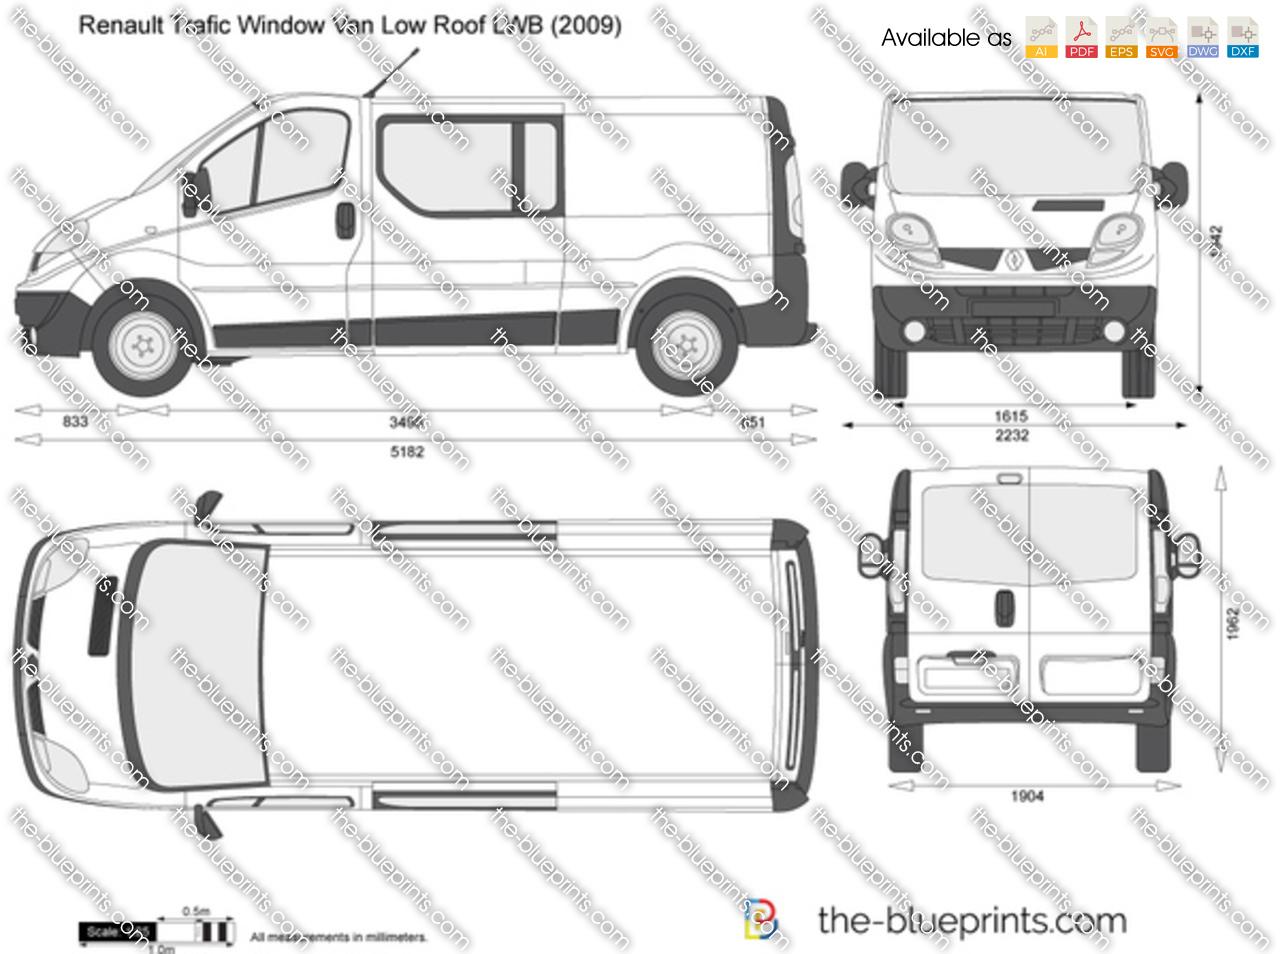 Renault Trafic Window Van Low Roof LWB 2005